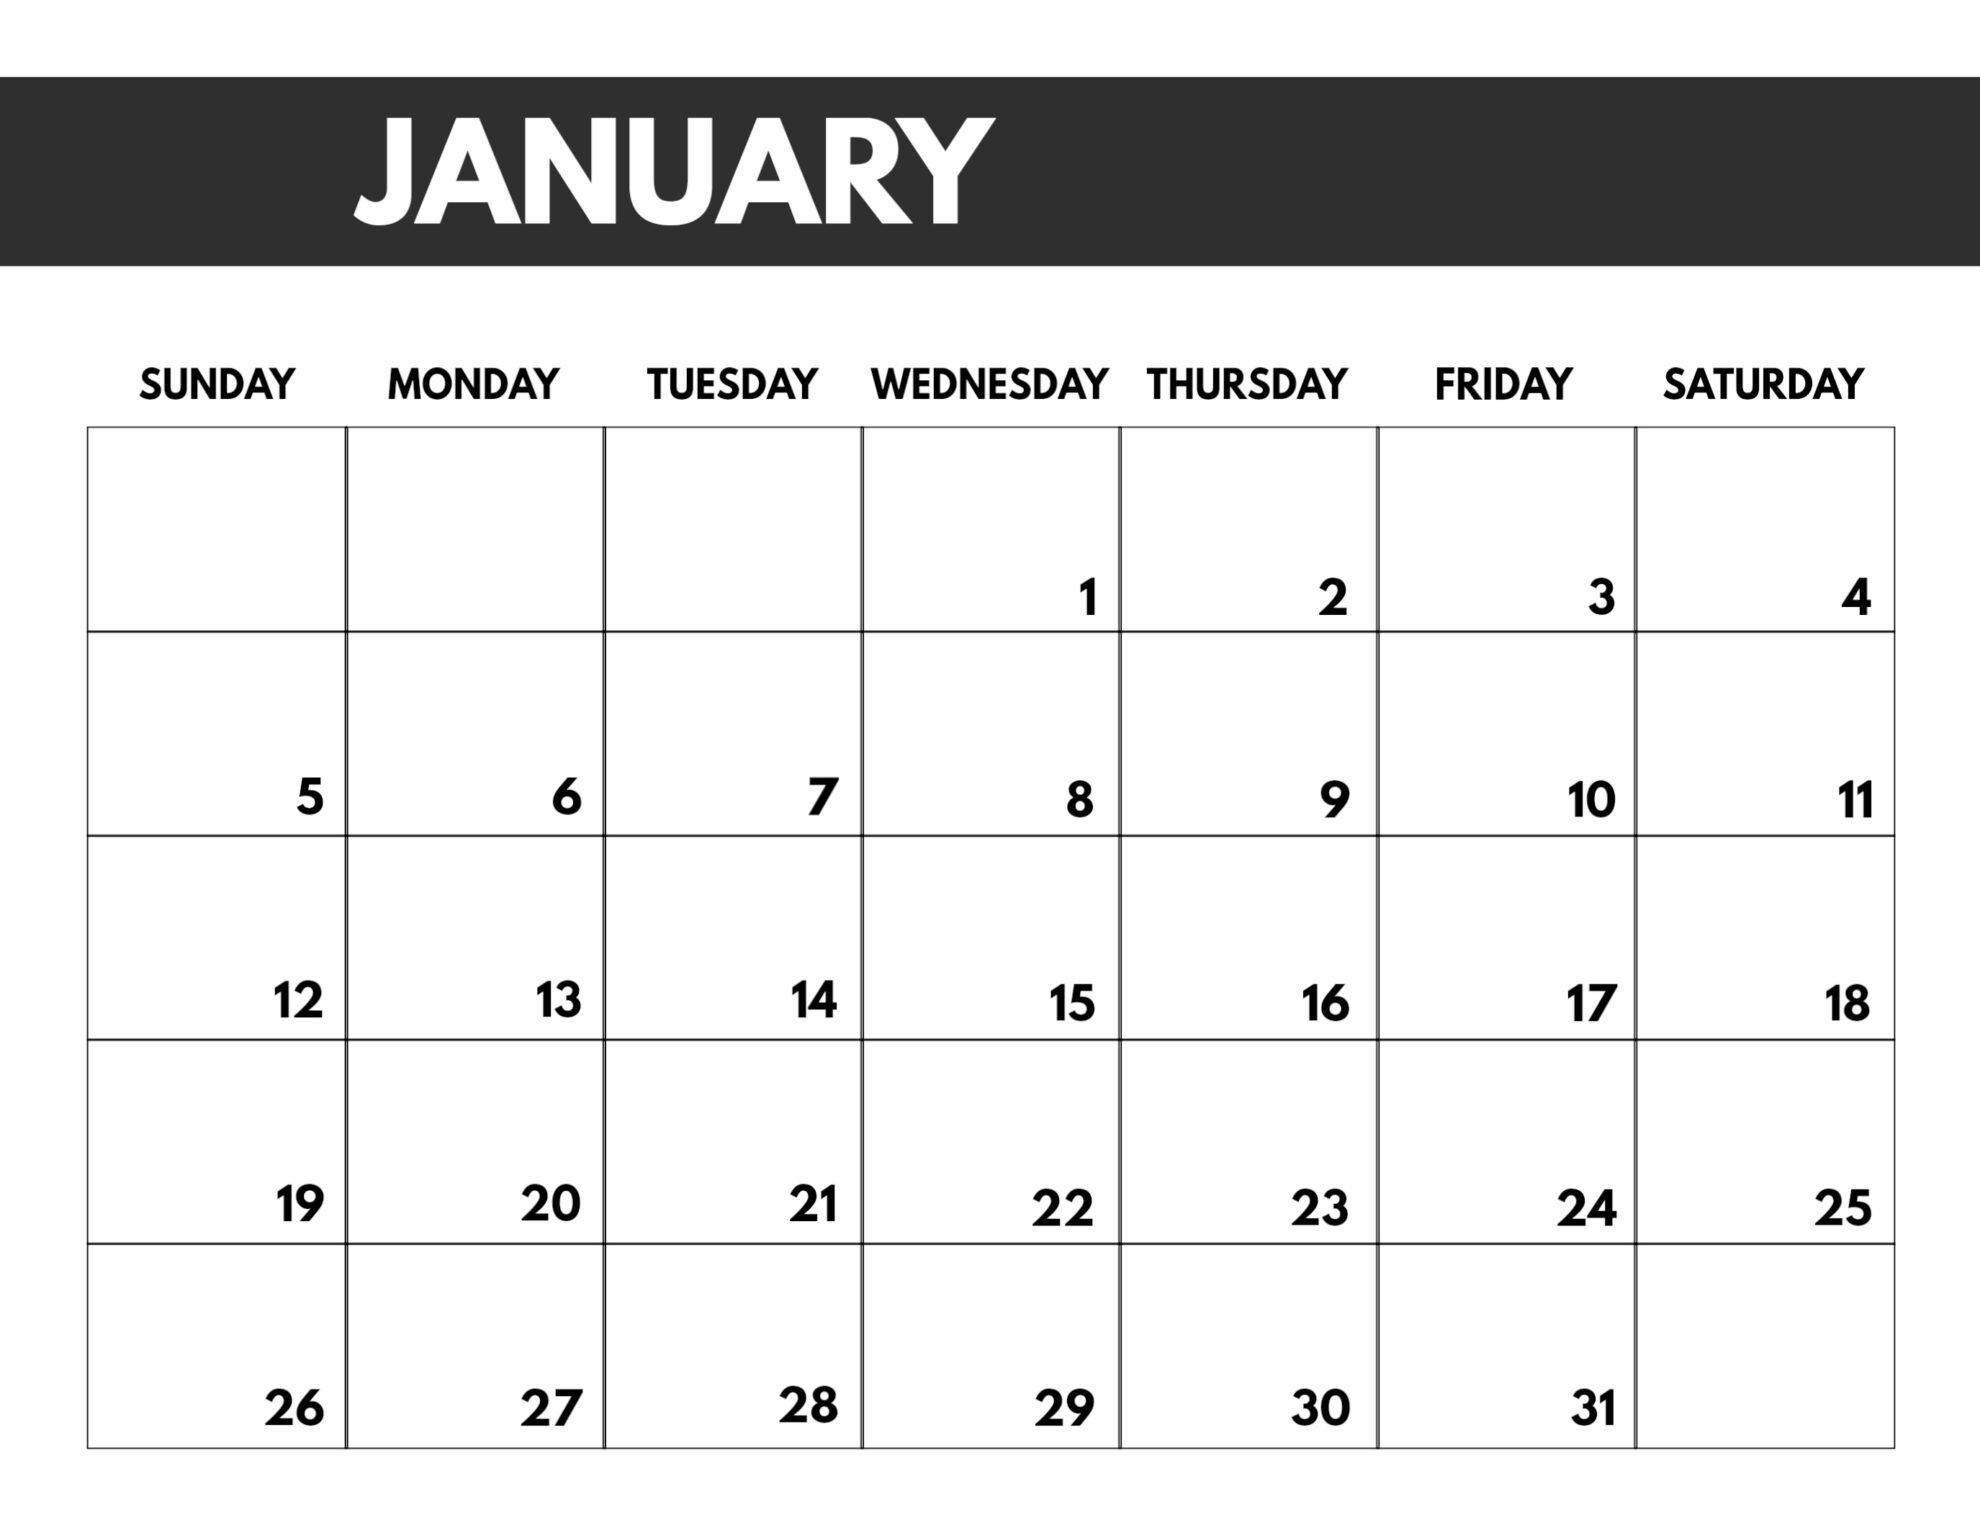 Free 8.5 X 11 Calendars - Calendar Inspiration Design Free 5 X 8 Calendar